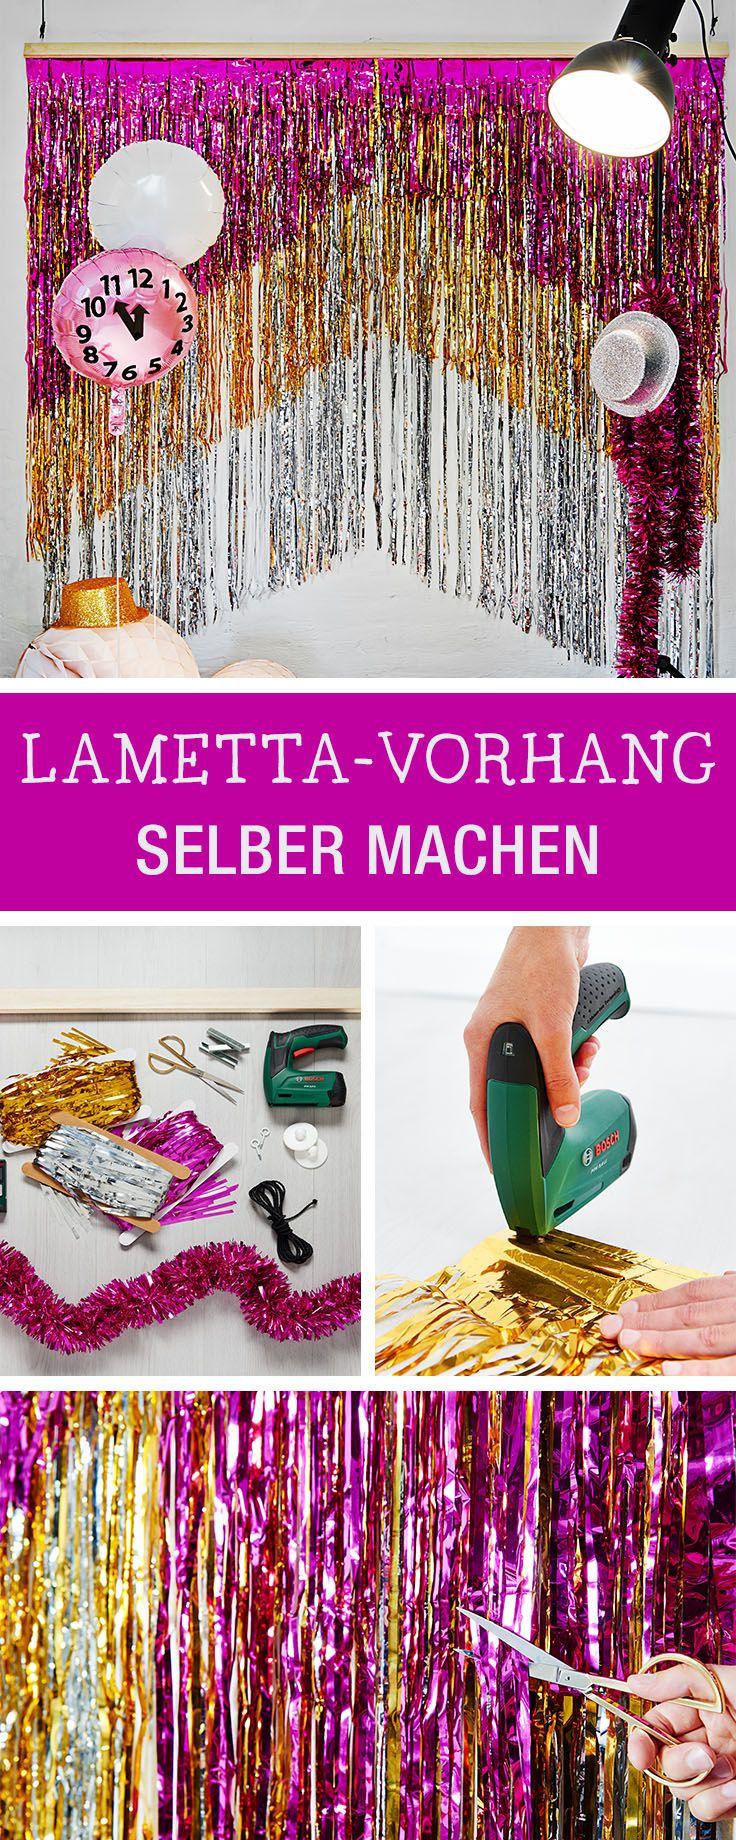 Vorhang aus Lametta für die Silvester-Get together selbermachen, Photobooth bauen / diy inspiration for a …